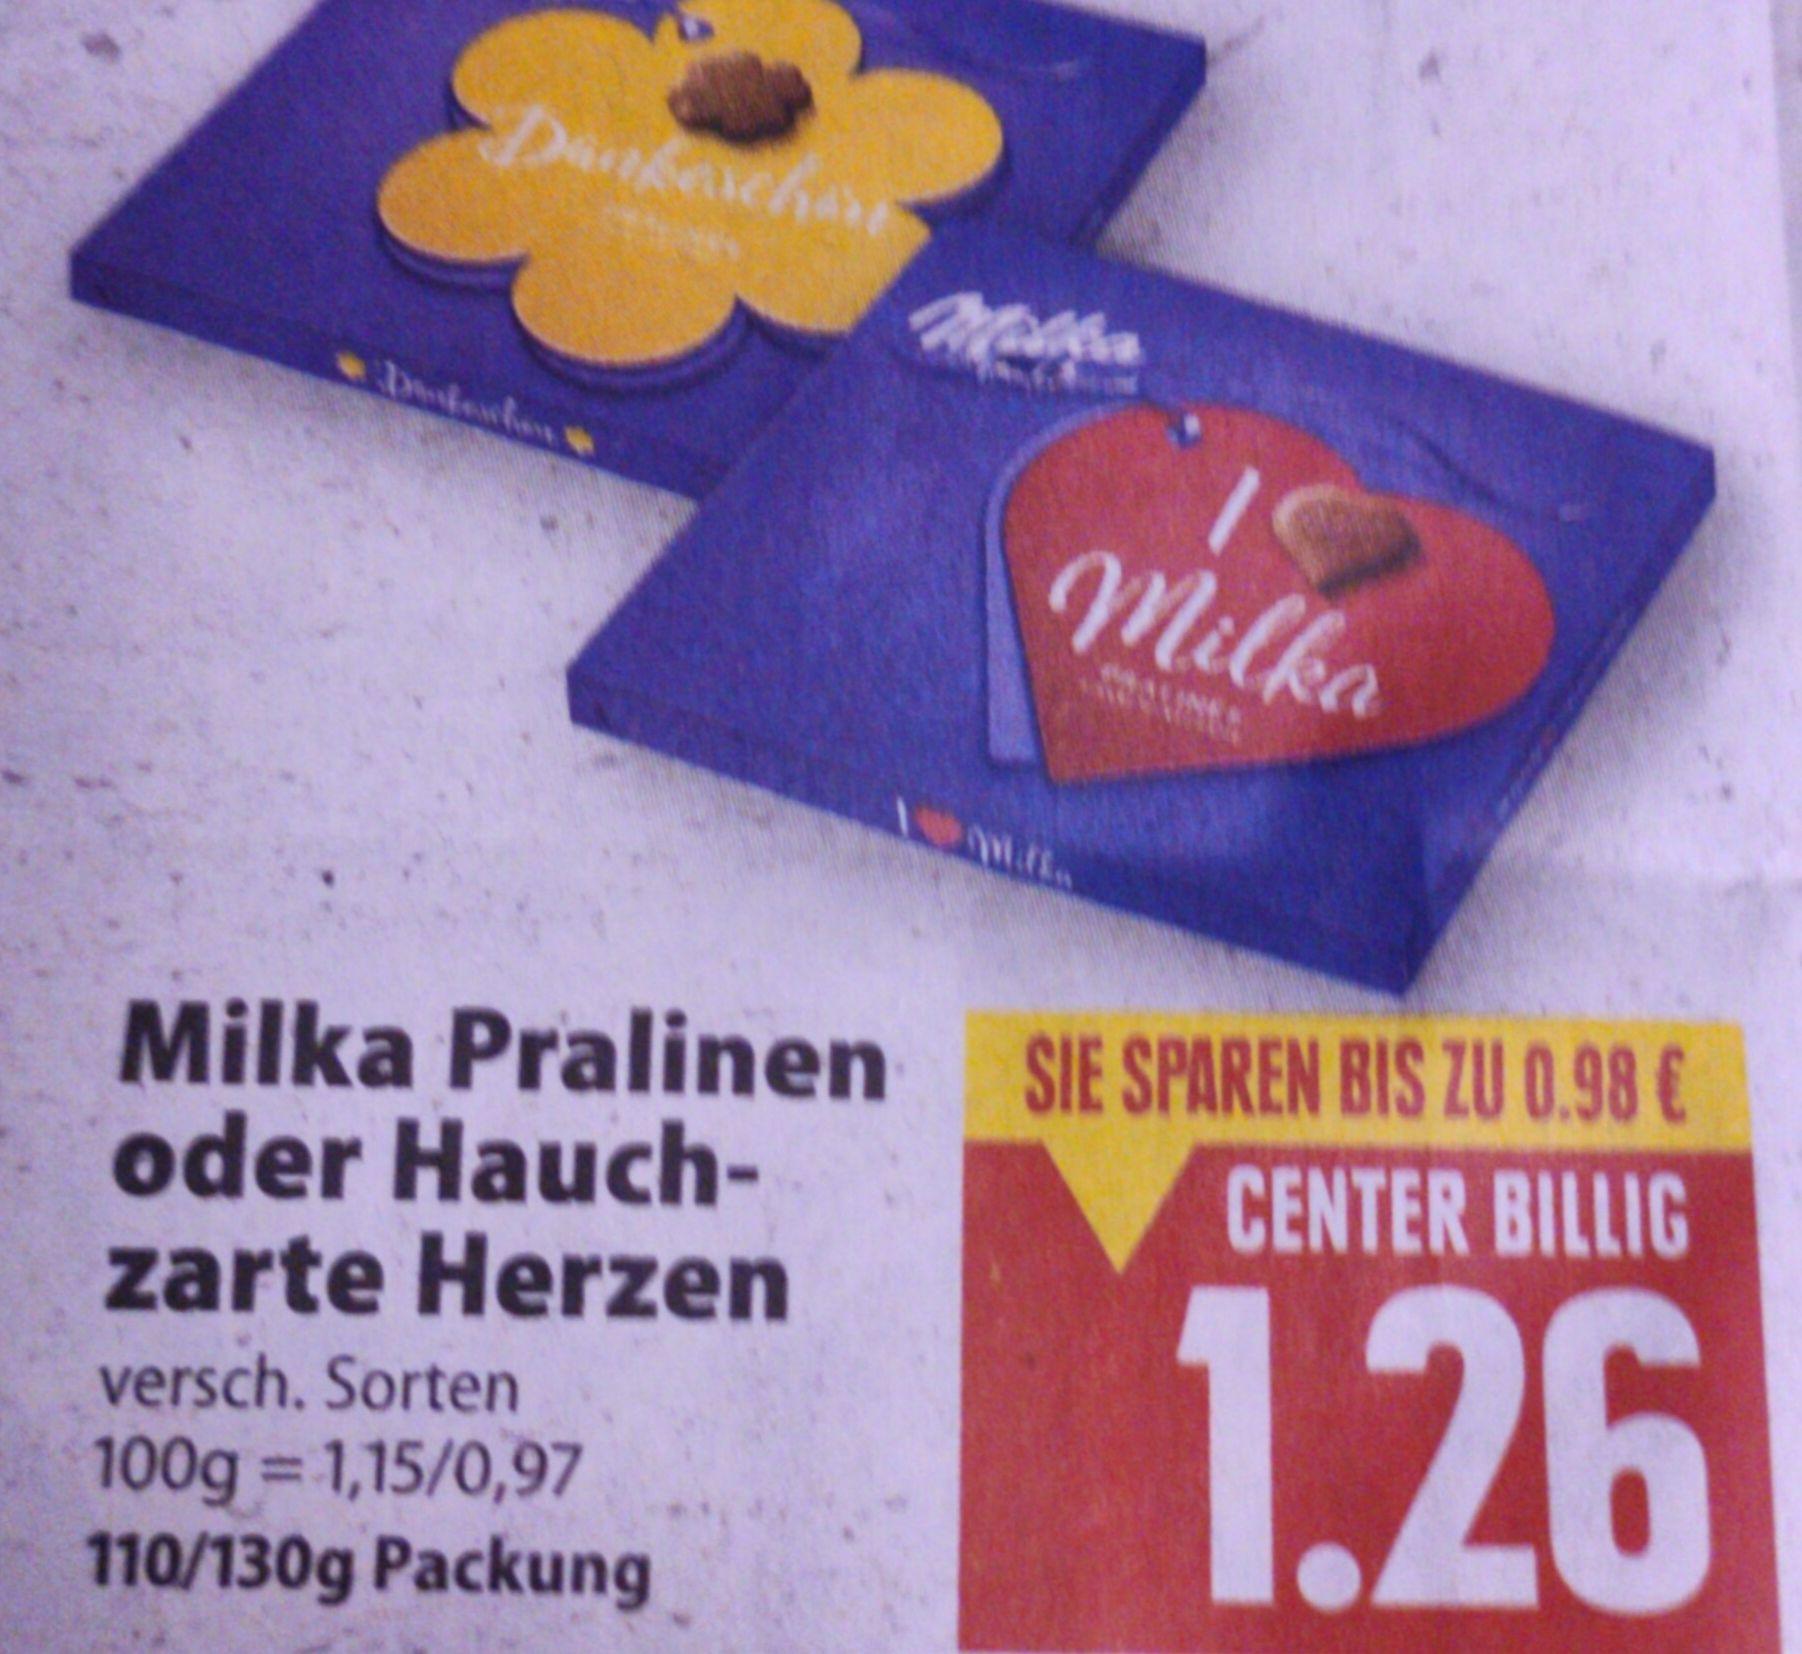 [Edeka Center Minden-Hannover] 4x Milka Pralinen oder Hauchzarte Herzen mit Coupon oder Coupies Cashback für (effektiv) 3,04€